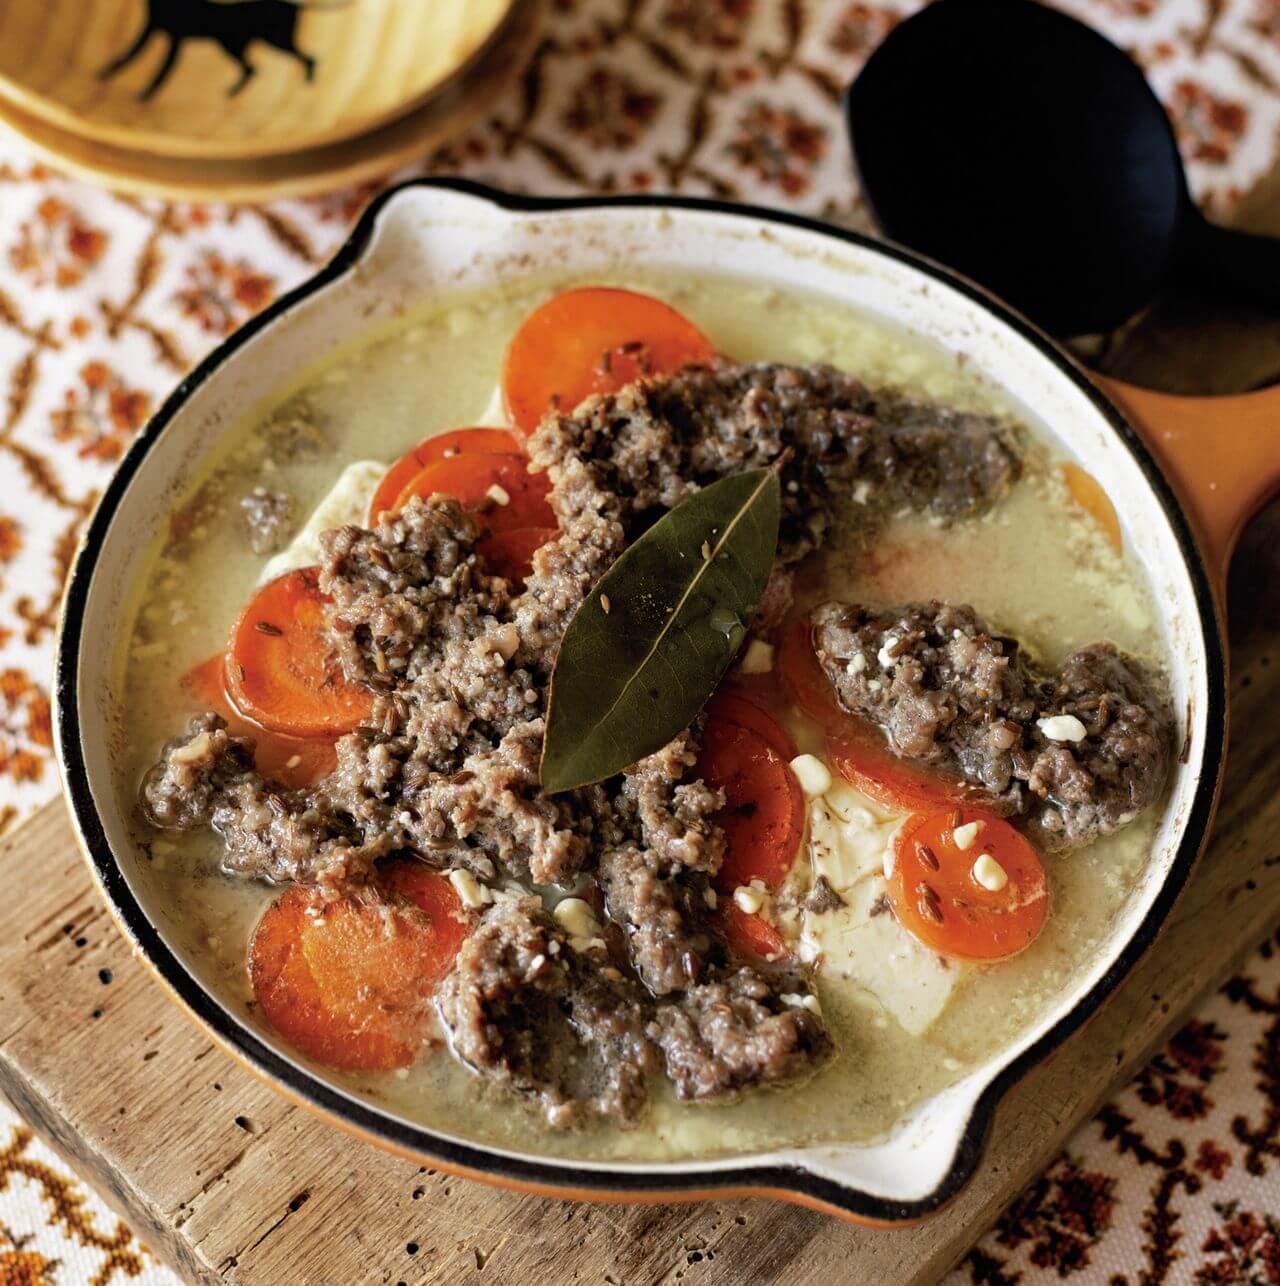 【フライパンひとつ】「ひき肉、にんじん、クリームチーズのミルフィーユ煮」レシピ/渡辺麻紀さん